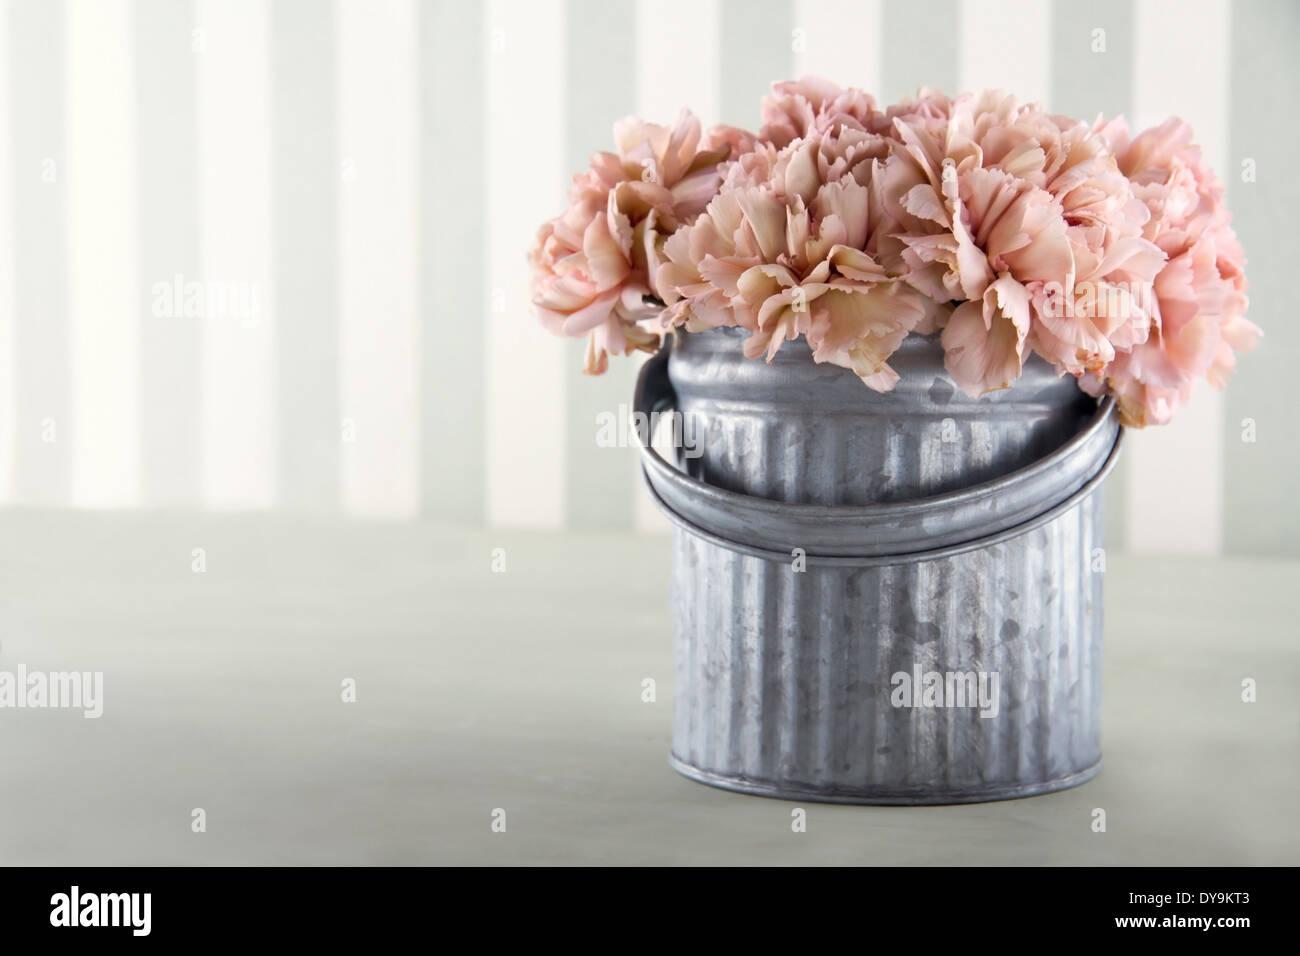 Carnation couleur abricot fleurs dans un seau en métal sur fond à rayures vintage with copy space Banque D'Images